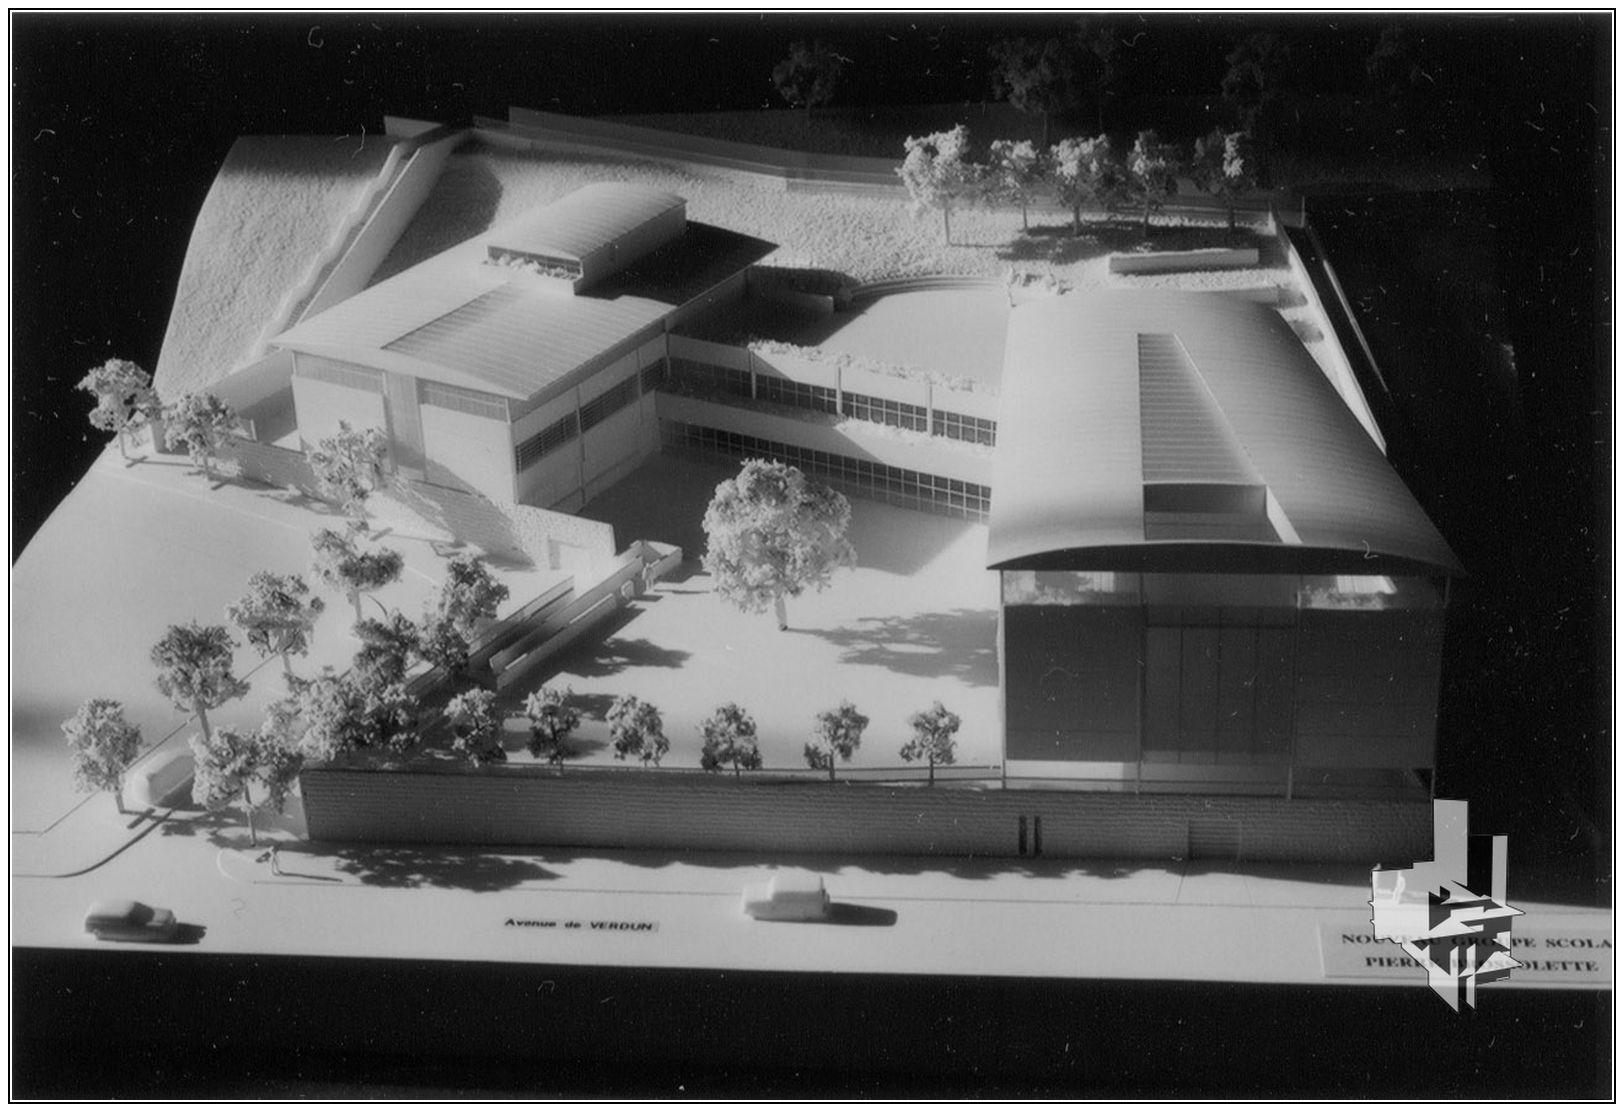 Gecele_architecture_14